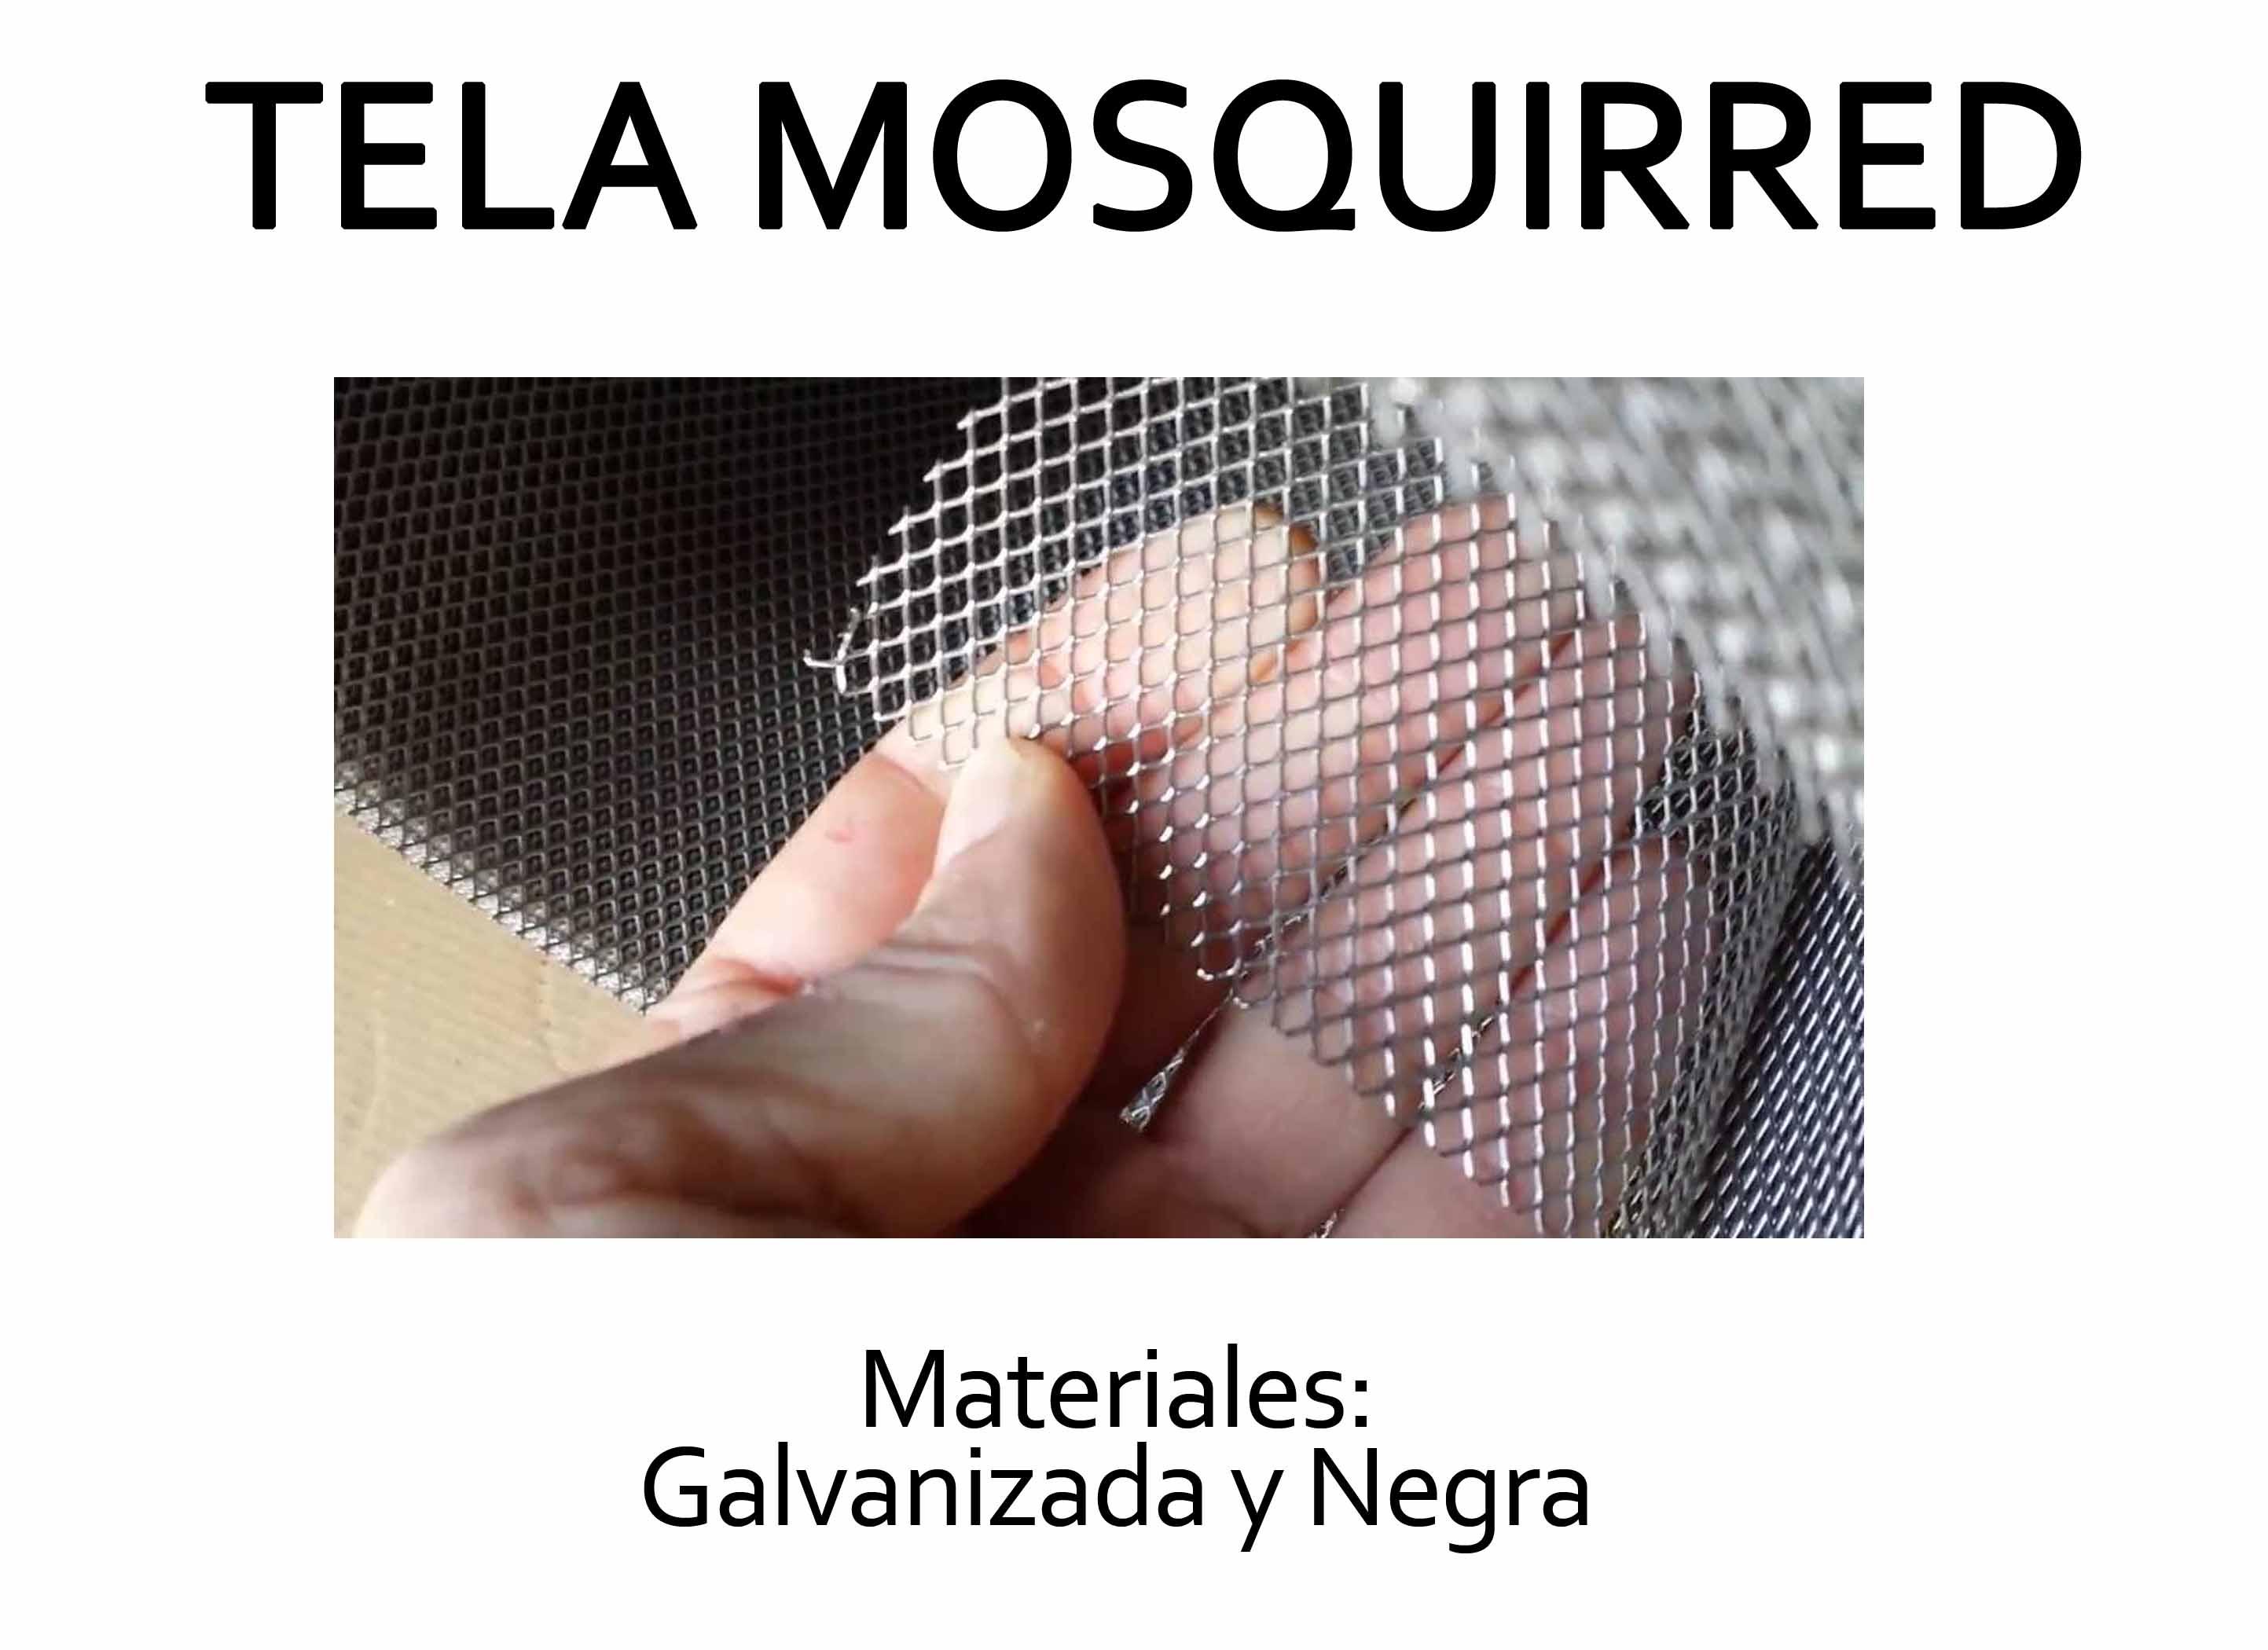 Bienvenidos esmafice san francisco del rincn guanajuato - Tela para mosquitera ...